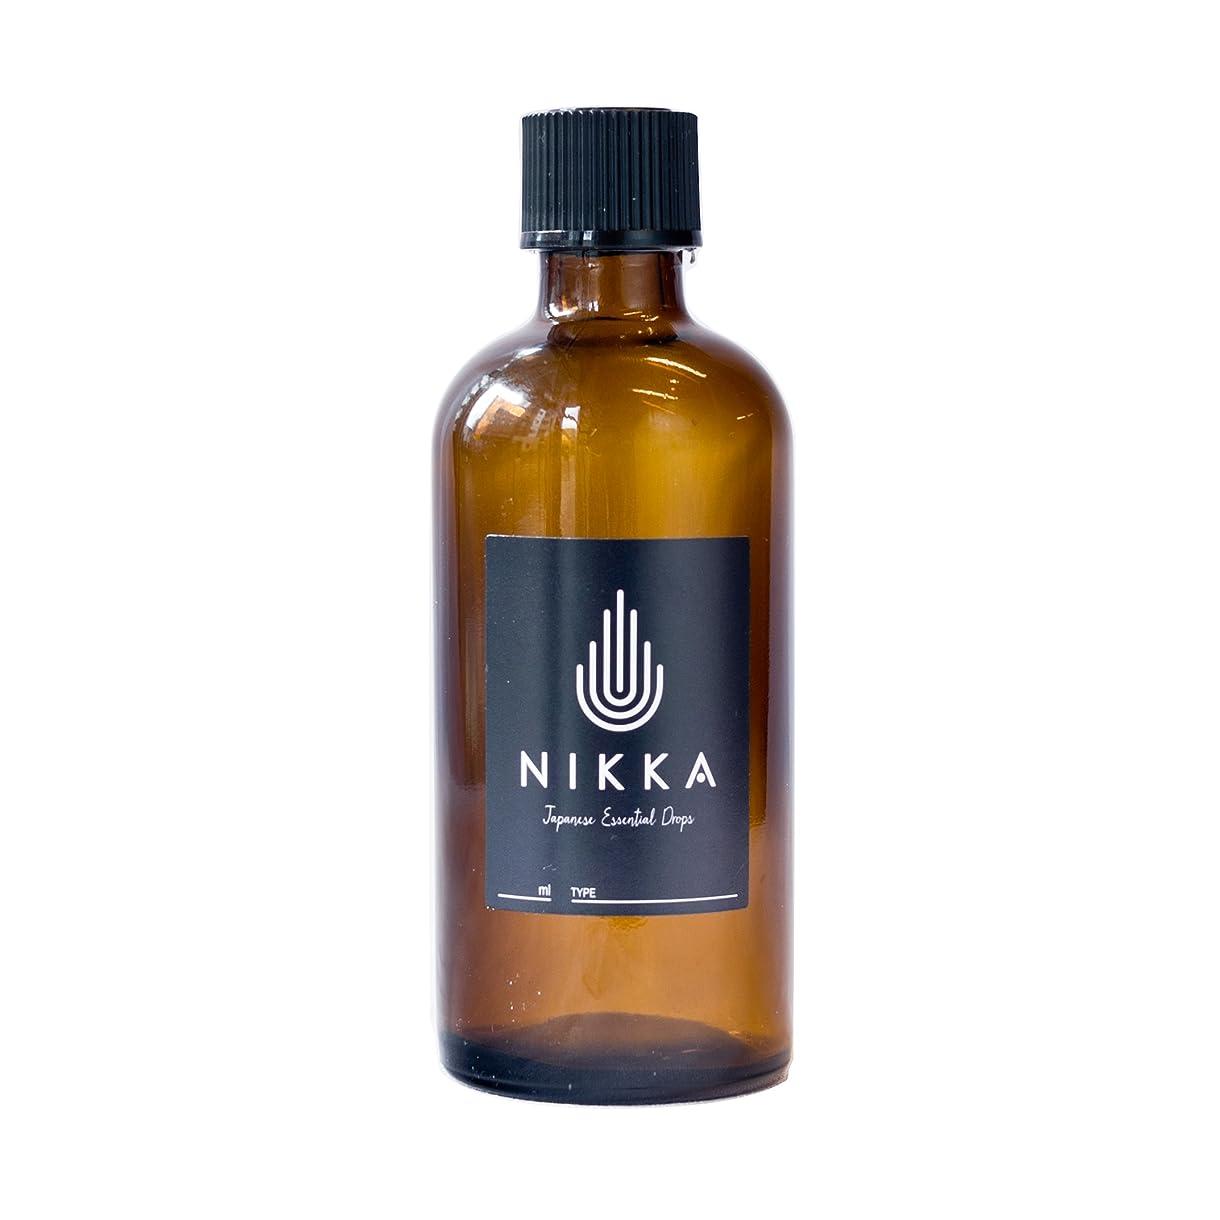 認可葉っぱかび臭いNIKKA エッセンシャルオイル 杉葉 100ml